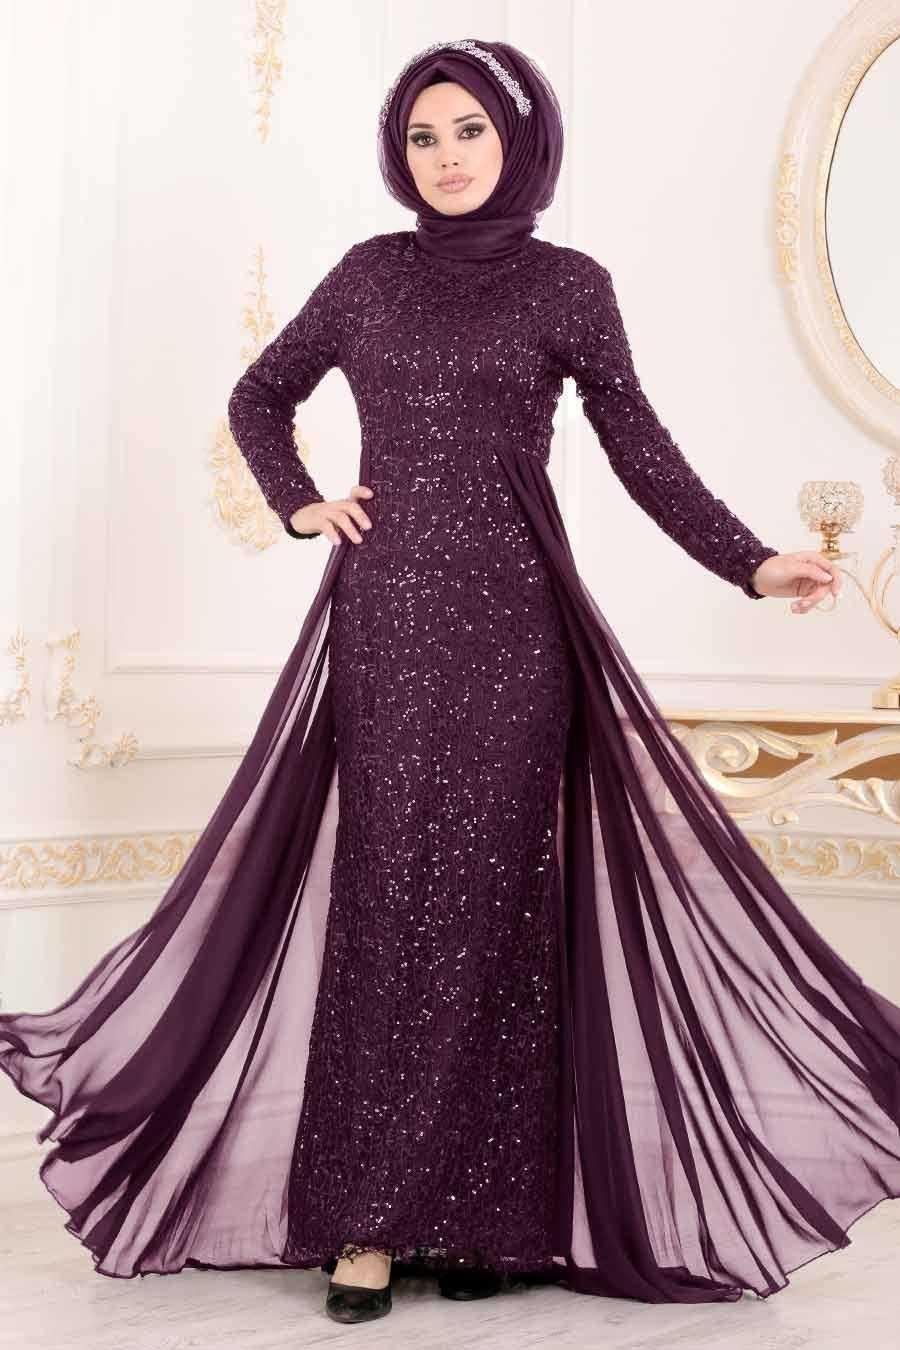 Nayla Collection Pullu Tesettür Abiye Elbise Modelleri